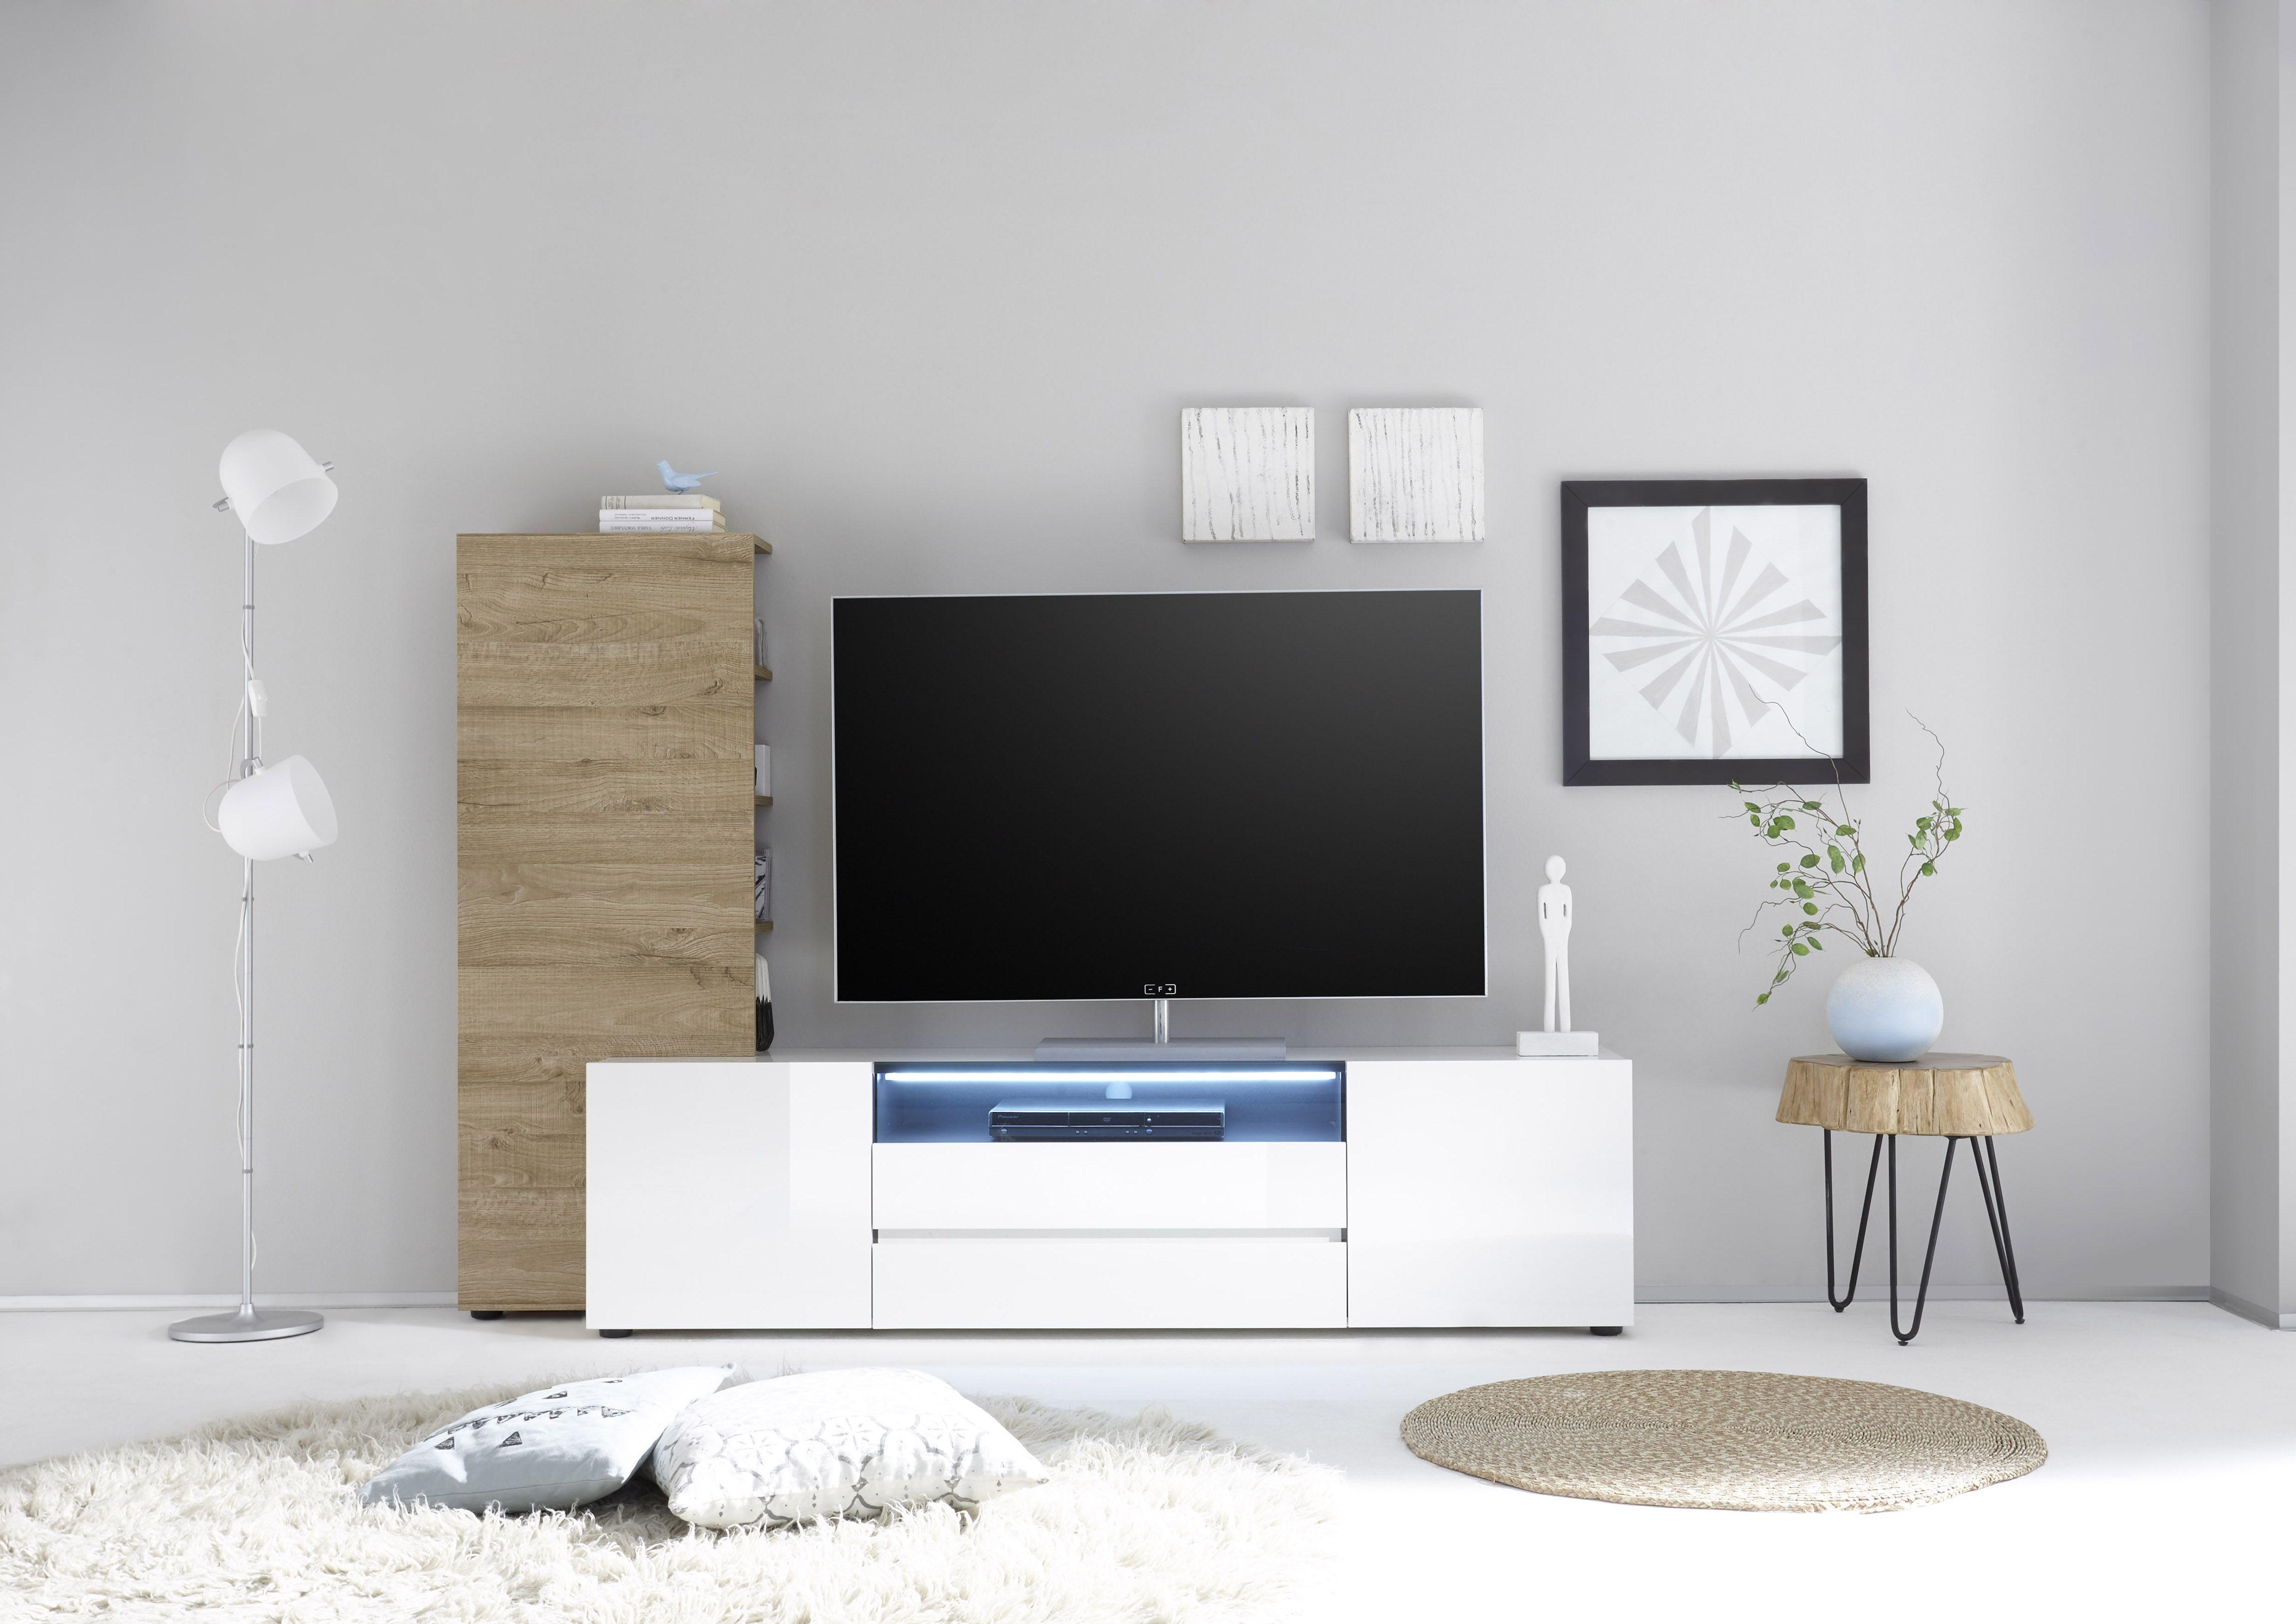 Faszinierend Holz Lowboard Das Beste Von Tv Mit Regal Weiss Hochglanz/ Eiche Natur